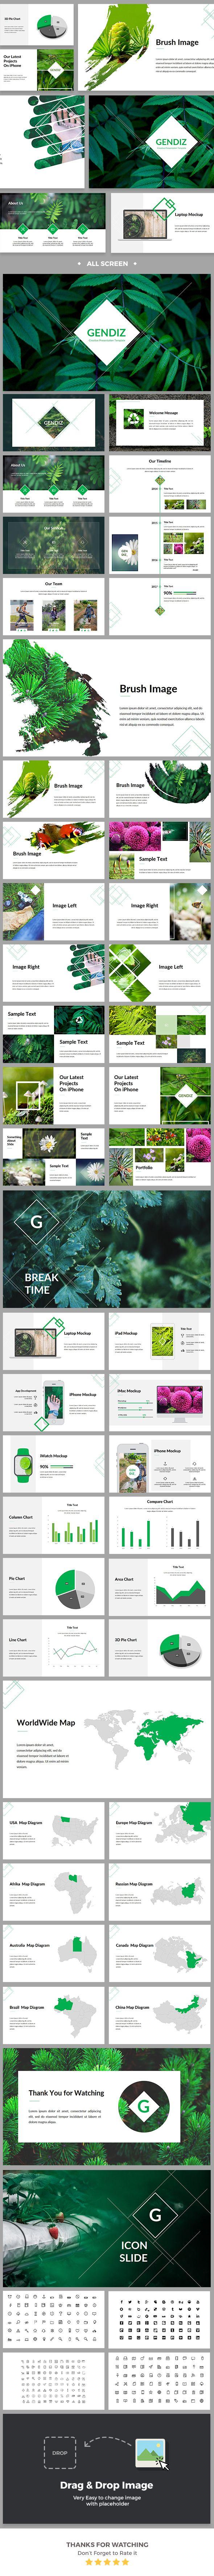 Gendiz - Powerpoint Template  - No site #ThemeForest encontra os melhores #Templates & #Plugins para #Wordpress. Confira em http://www.estrategiadigital.pt/themeforest-templates-wordpress/